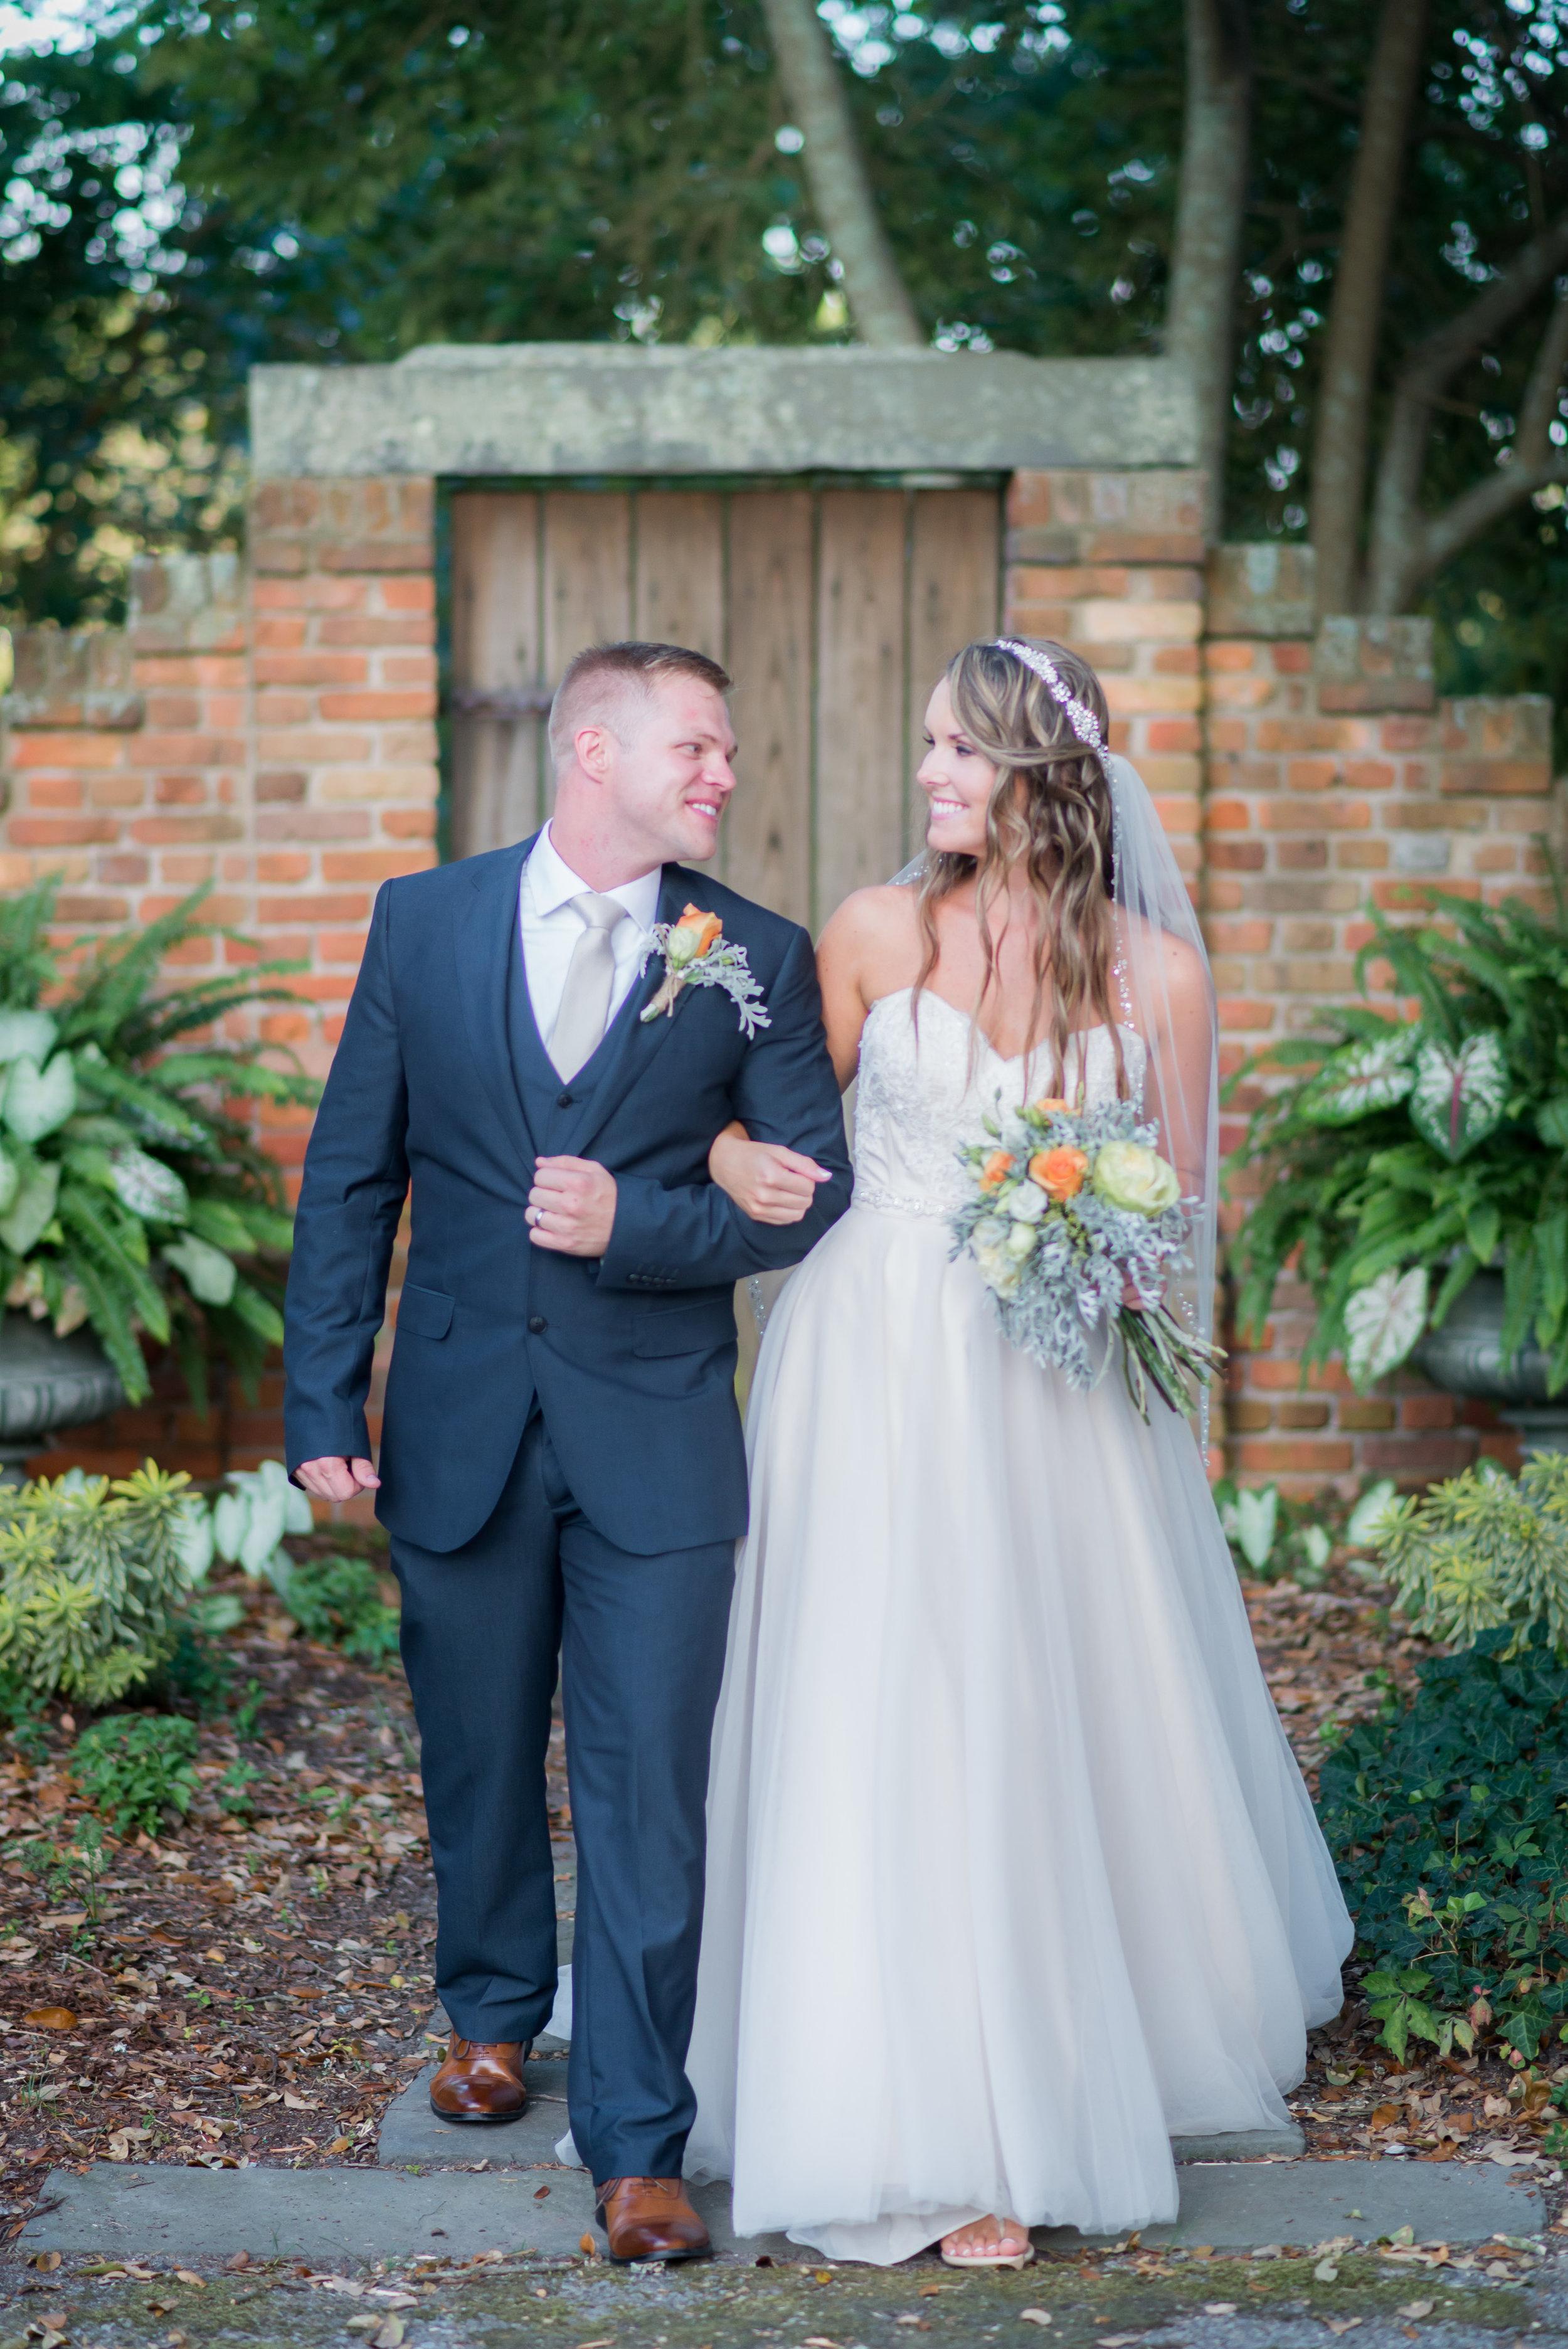 Rachael + William_Married370.JPG